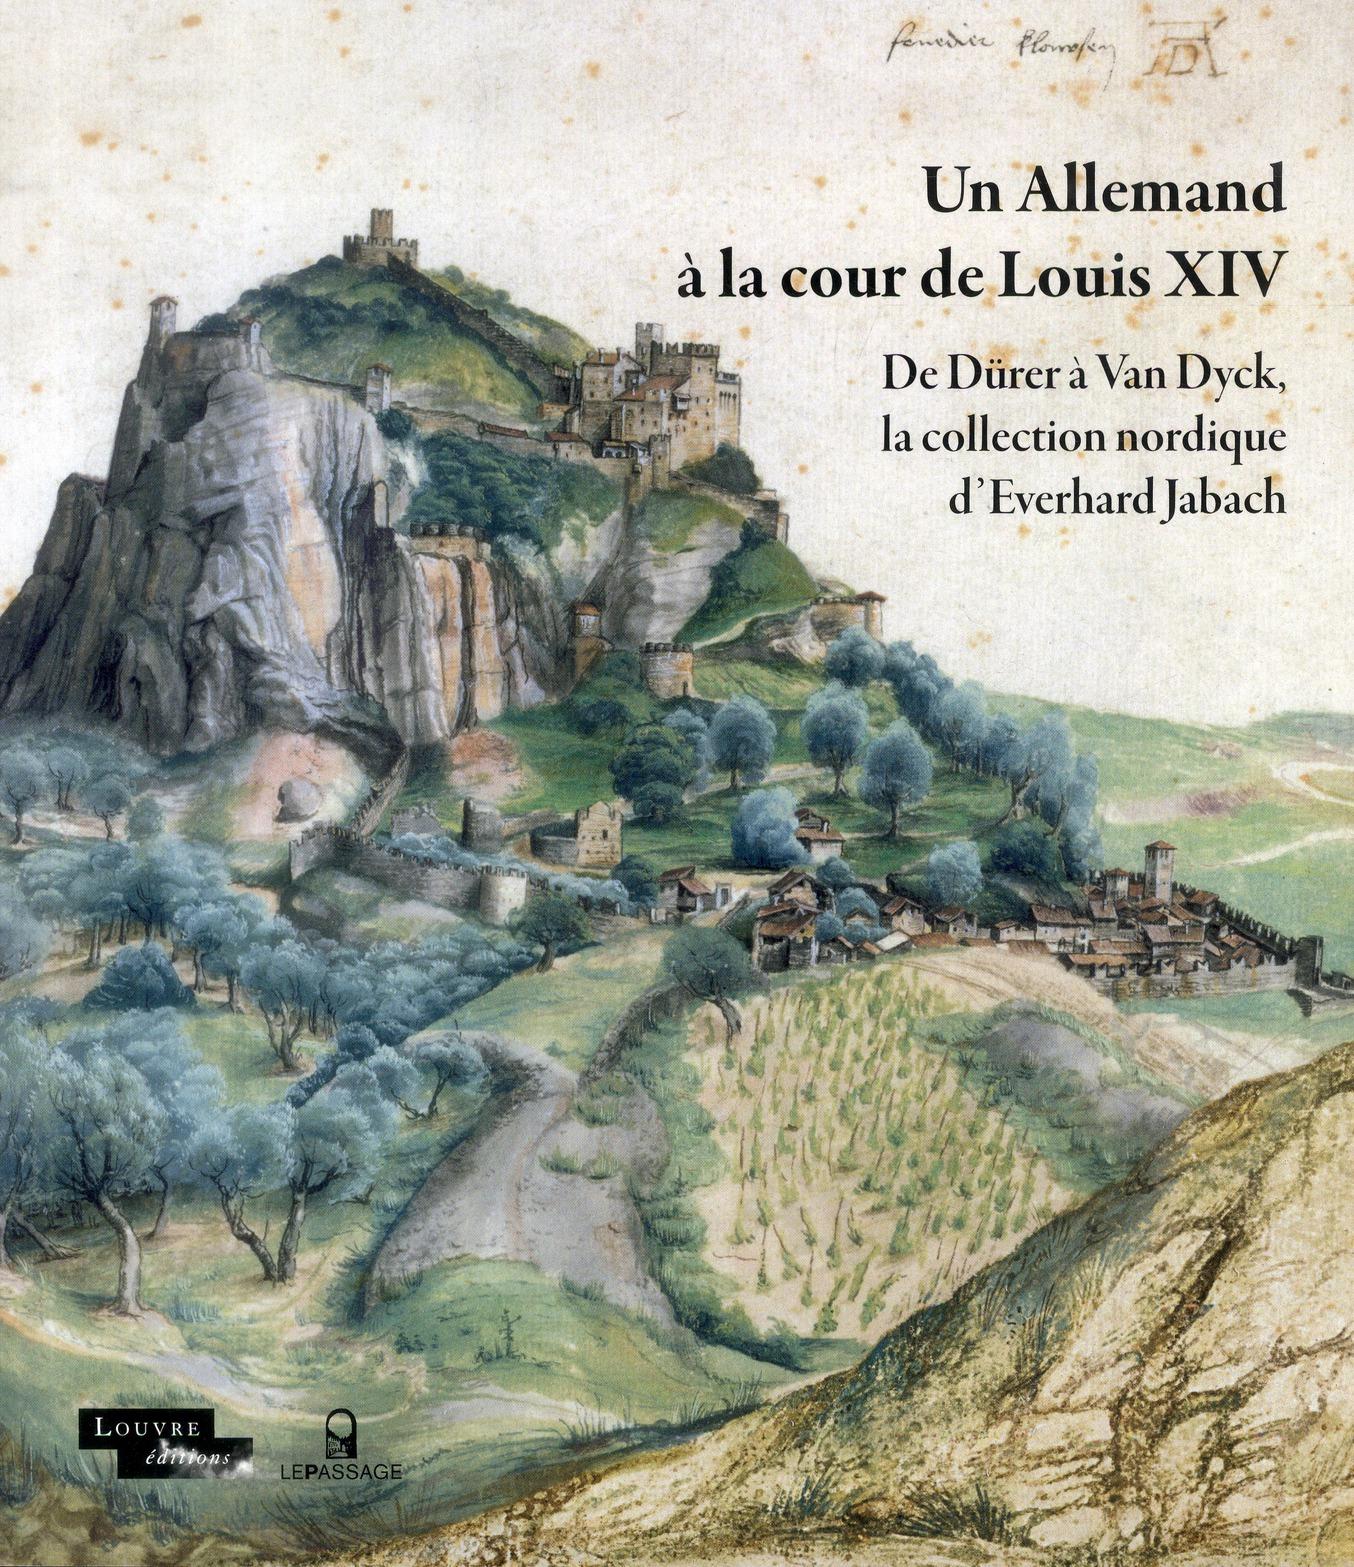 UN ALLEMAND A LA COUR DE LOUIS XIV - DE DURER A VAN DYCK, LA COLLECTION NORDIQUE DE JABACH